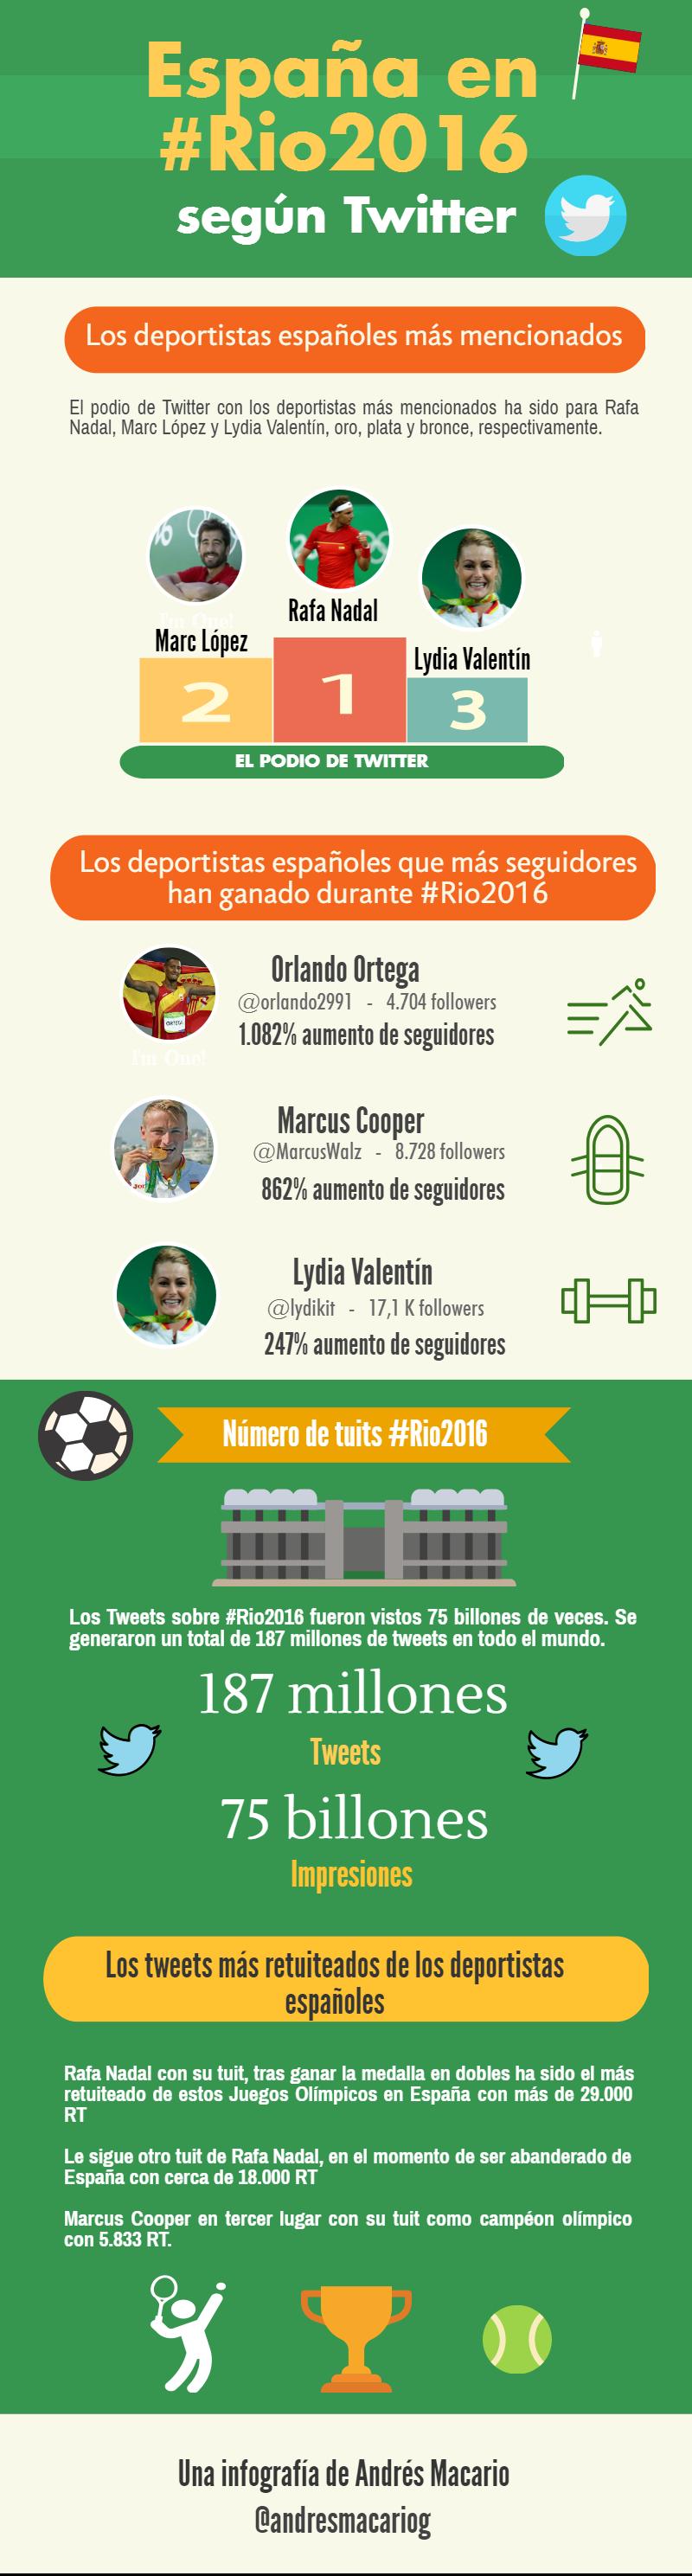 España en Rio2016 segun Twitter-Infografia Andres Macario